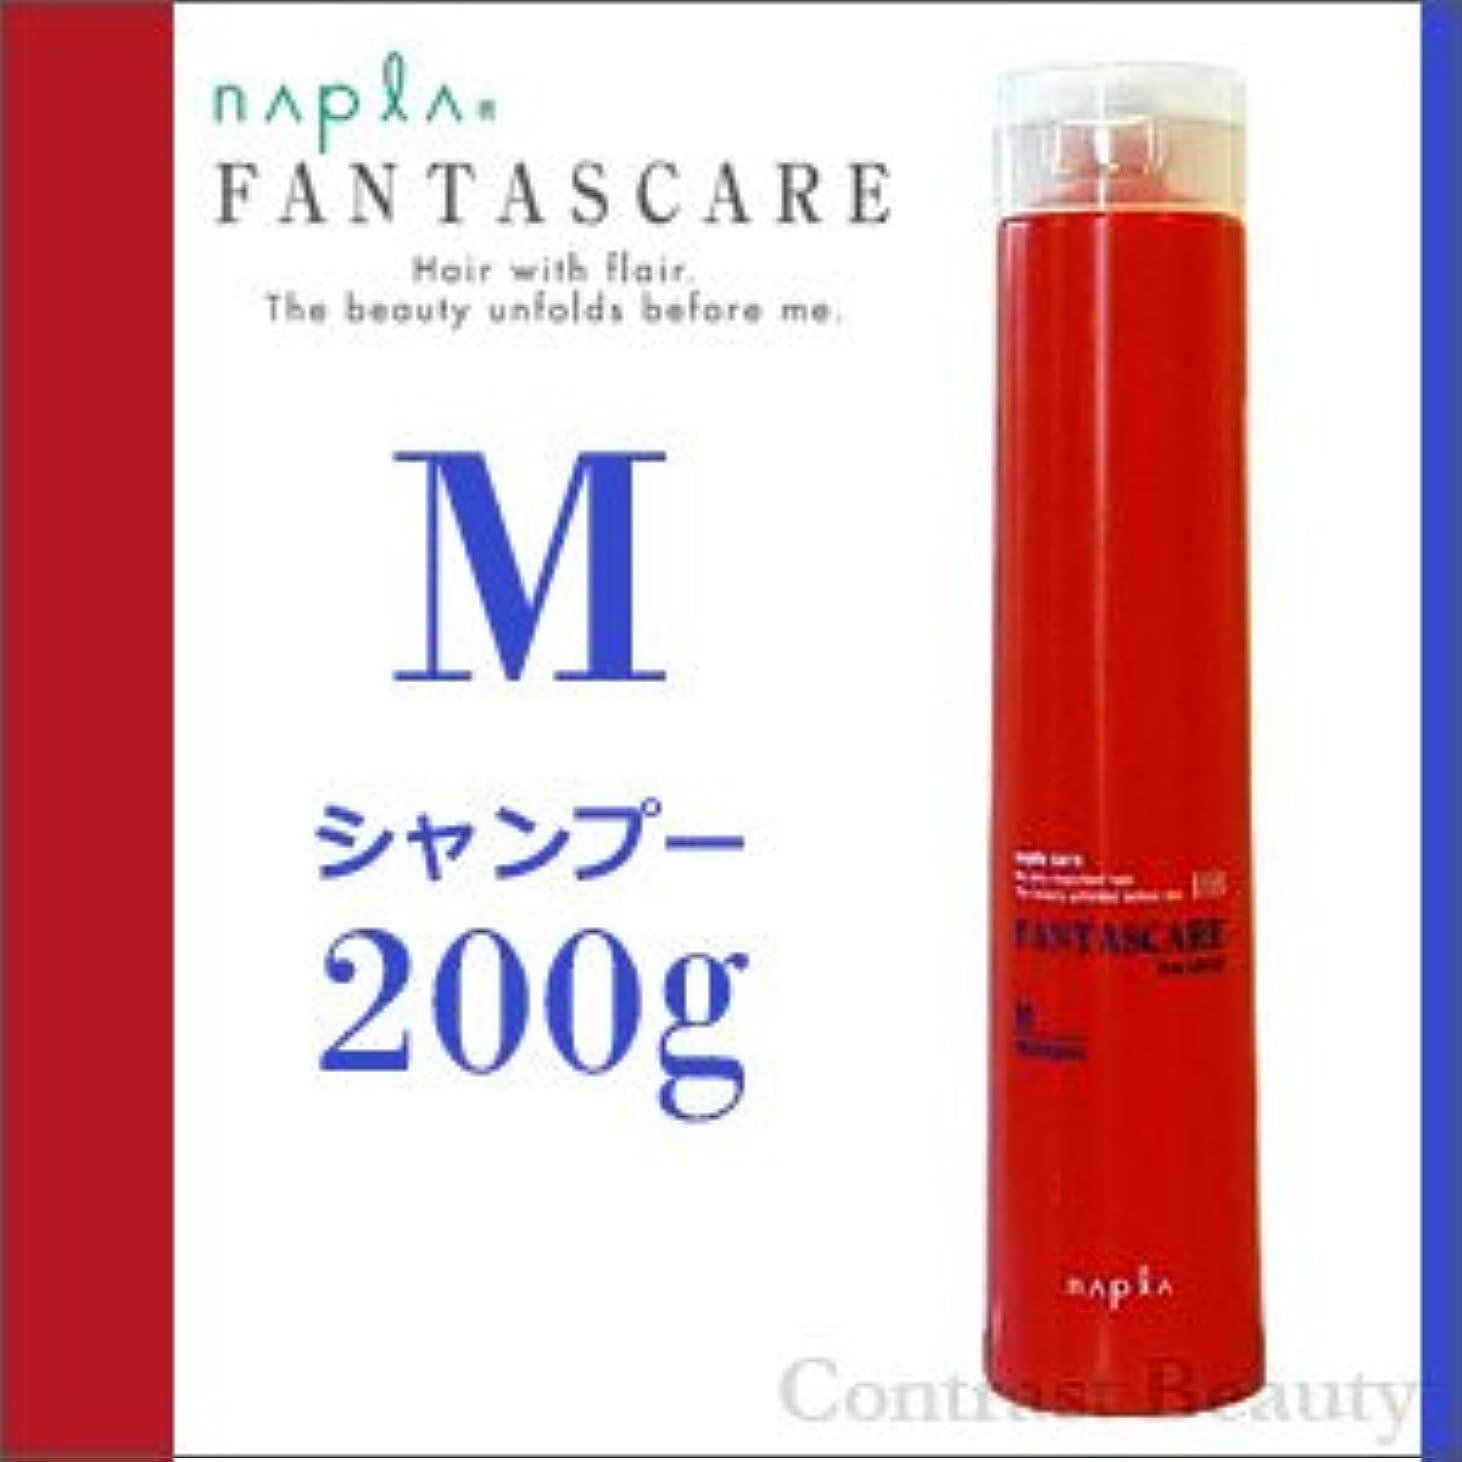 芸術それにもかかわらずパット【X3個セット】 ナプラ ファンタスケア Mシャンプー 200g napla